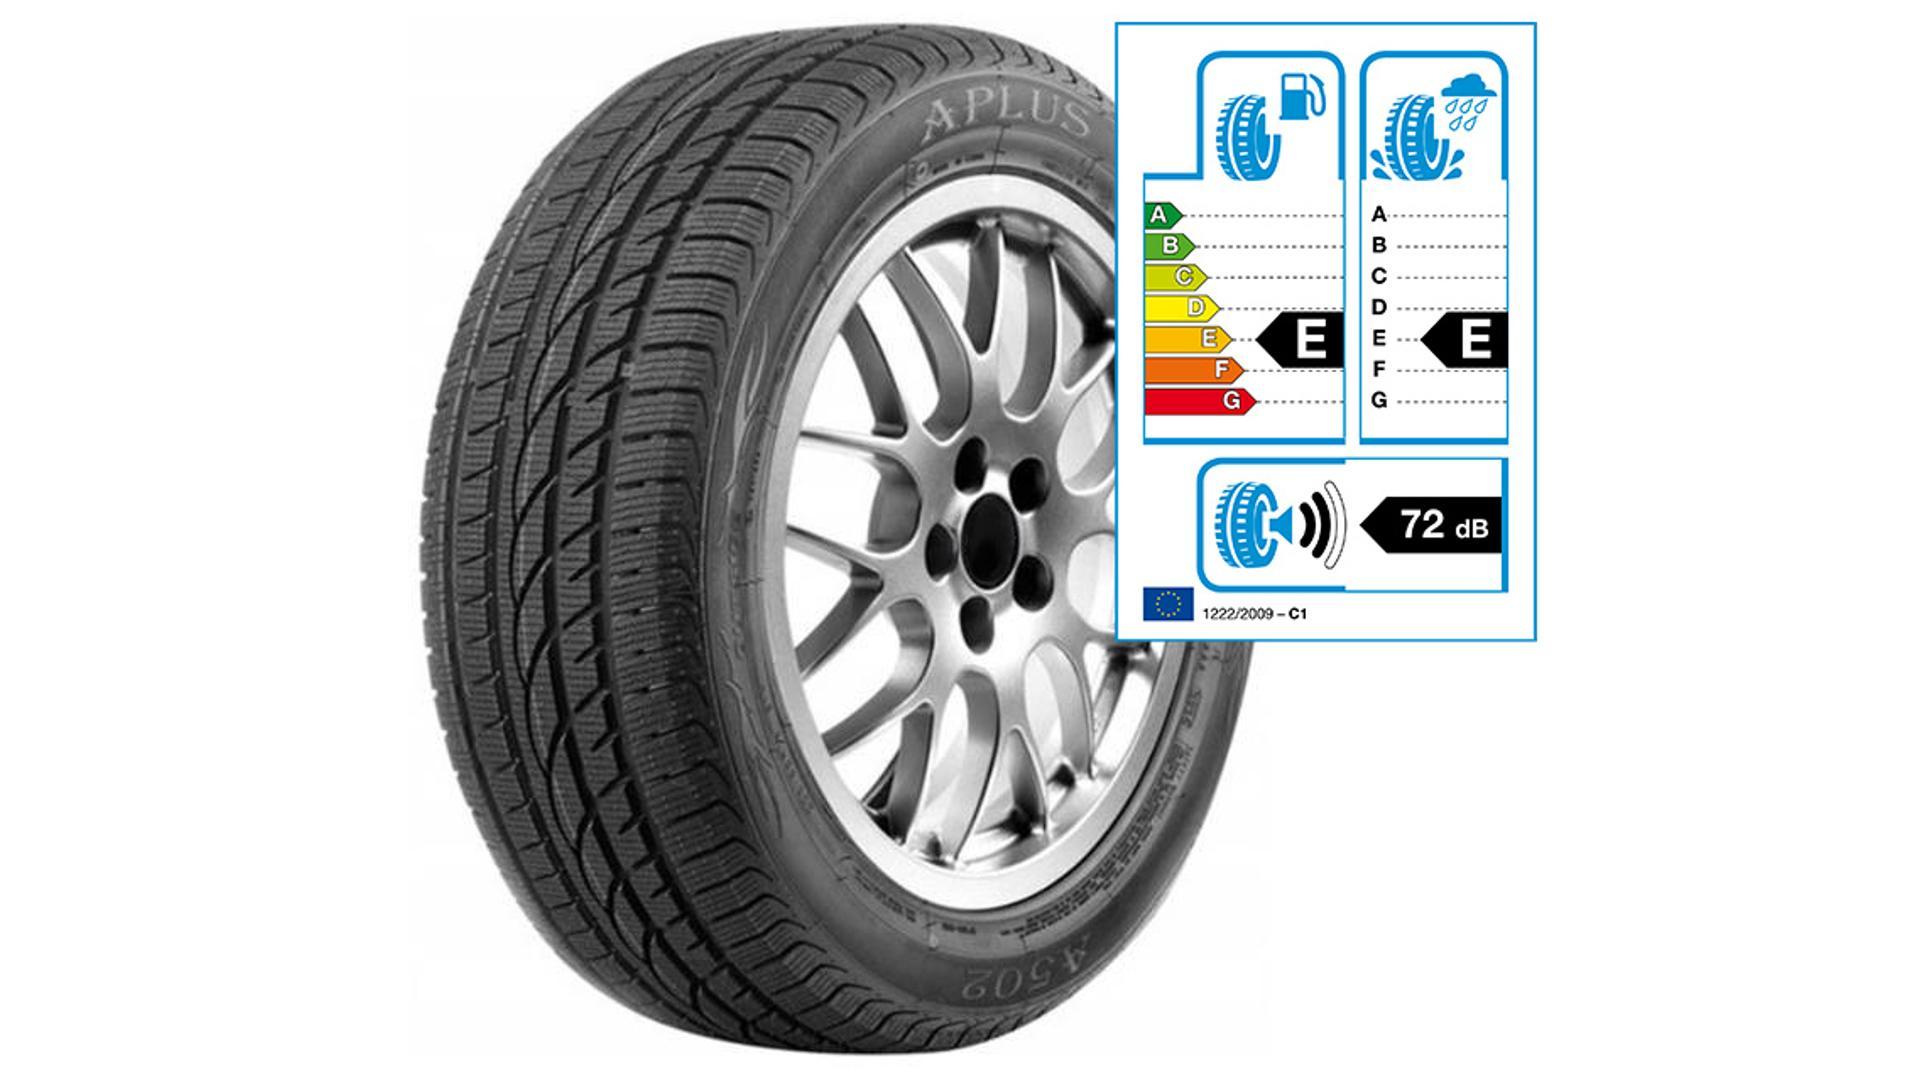 A502 Zimní pneumatika 225/45R17 94HXL